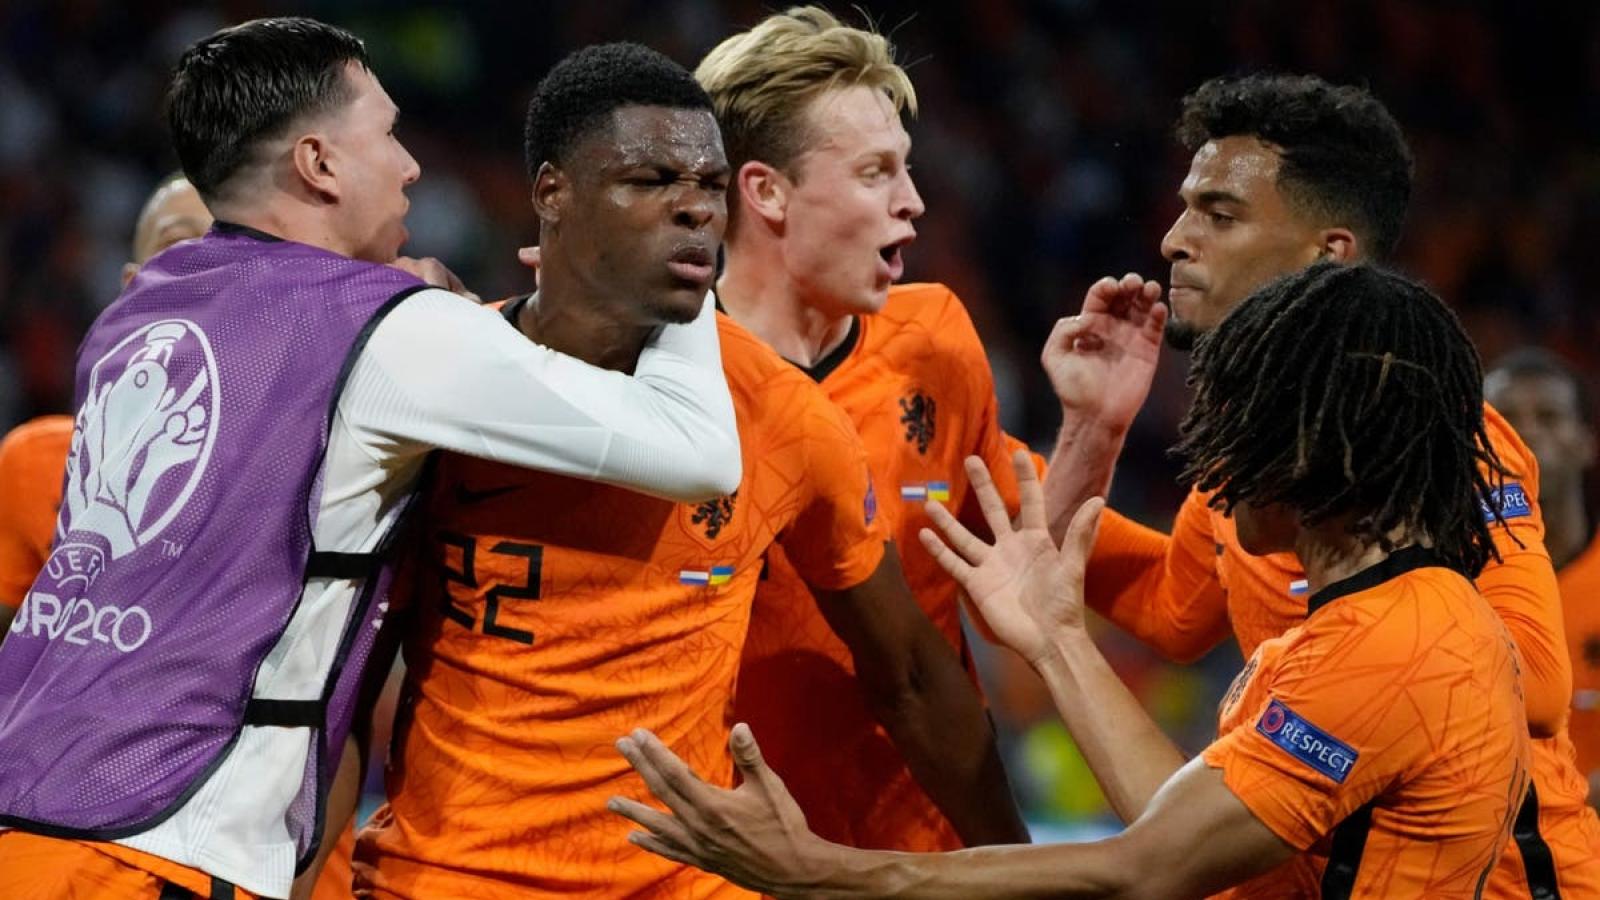 Góc BLV: Hà Lan sẽ hạ Áo trong cơn mưa bàn thắng và giành vé đi tiếp